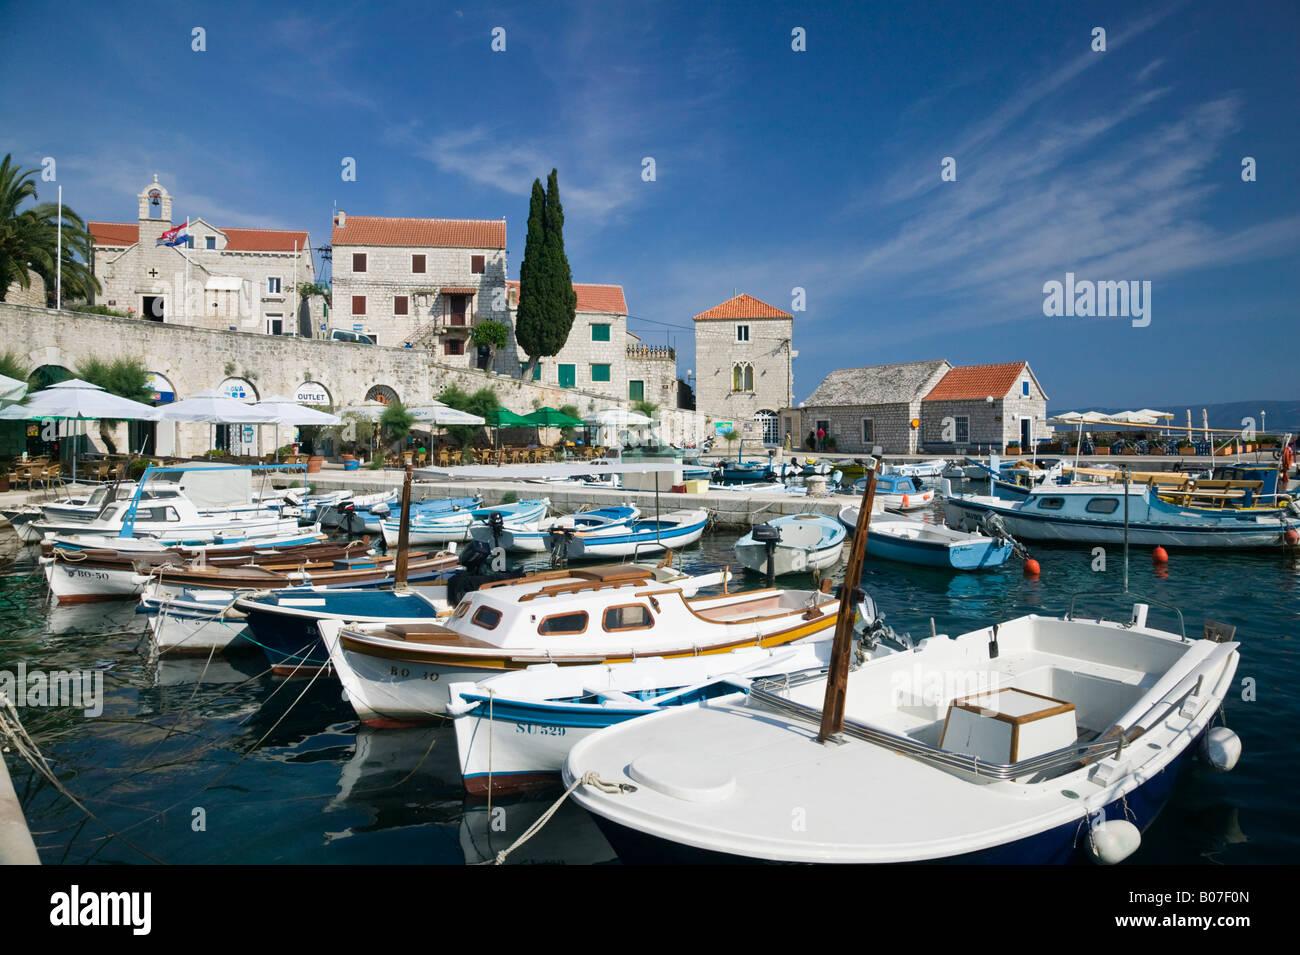 Croatie, Dalmatie Centrale, l'île de Brac, Supetar, port d'accueil Photo Stock